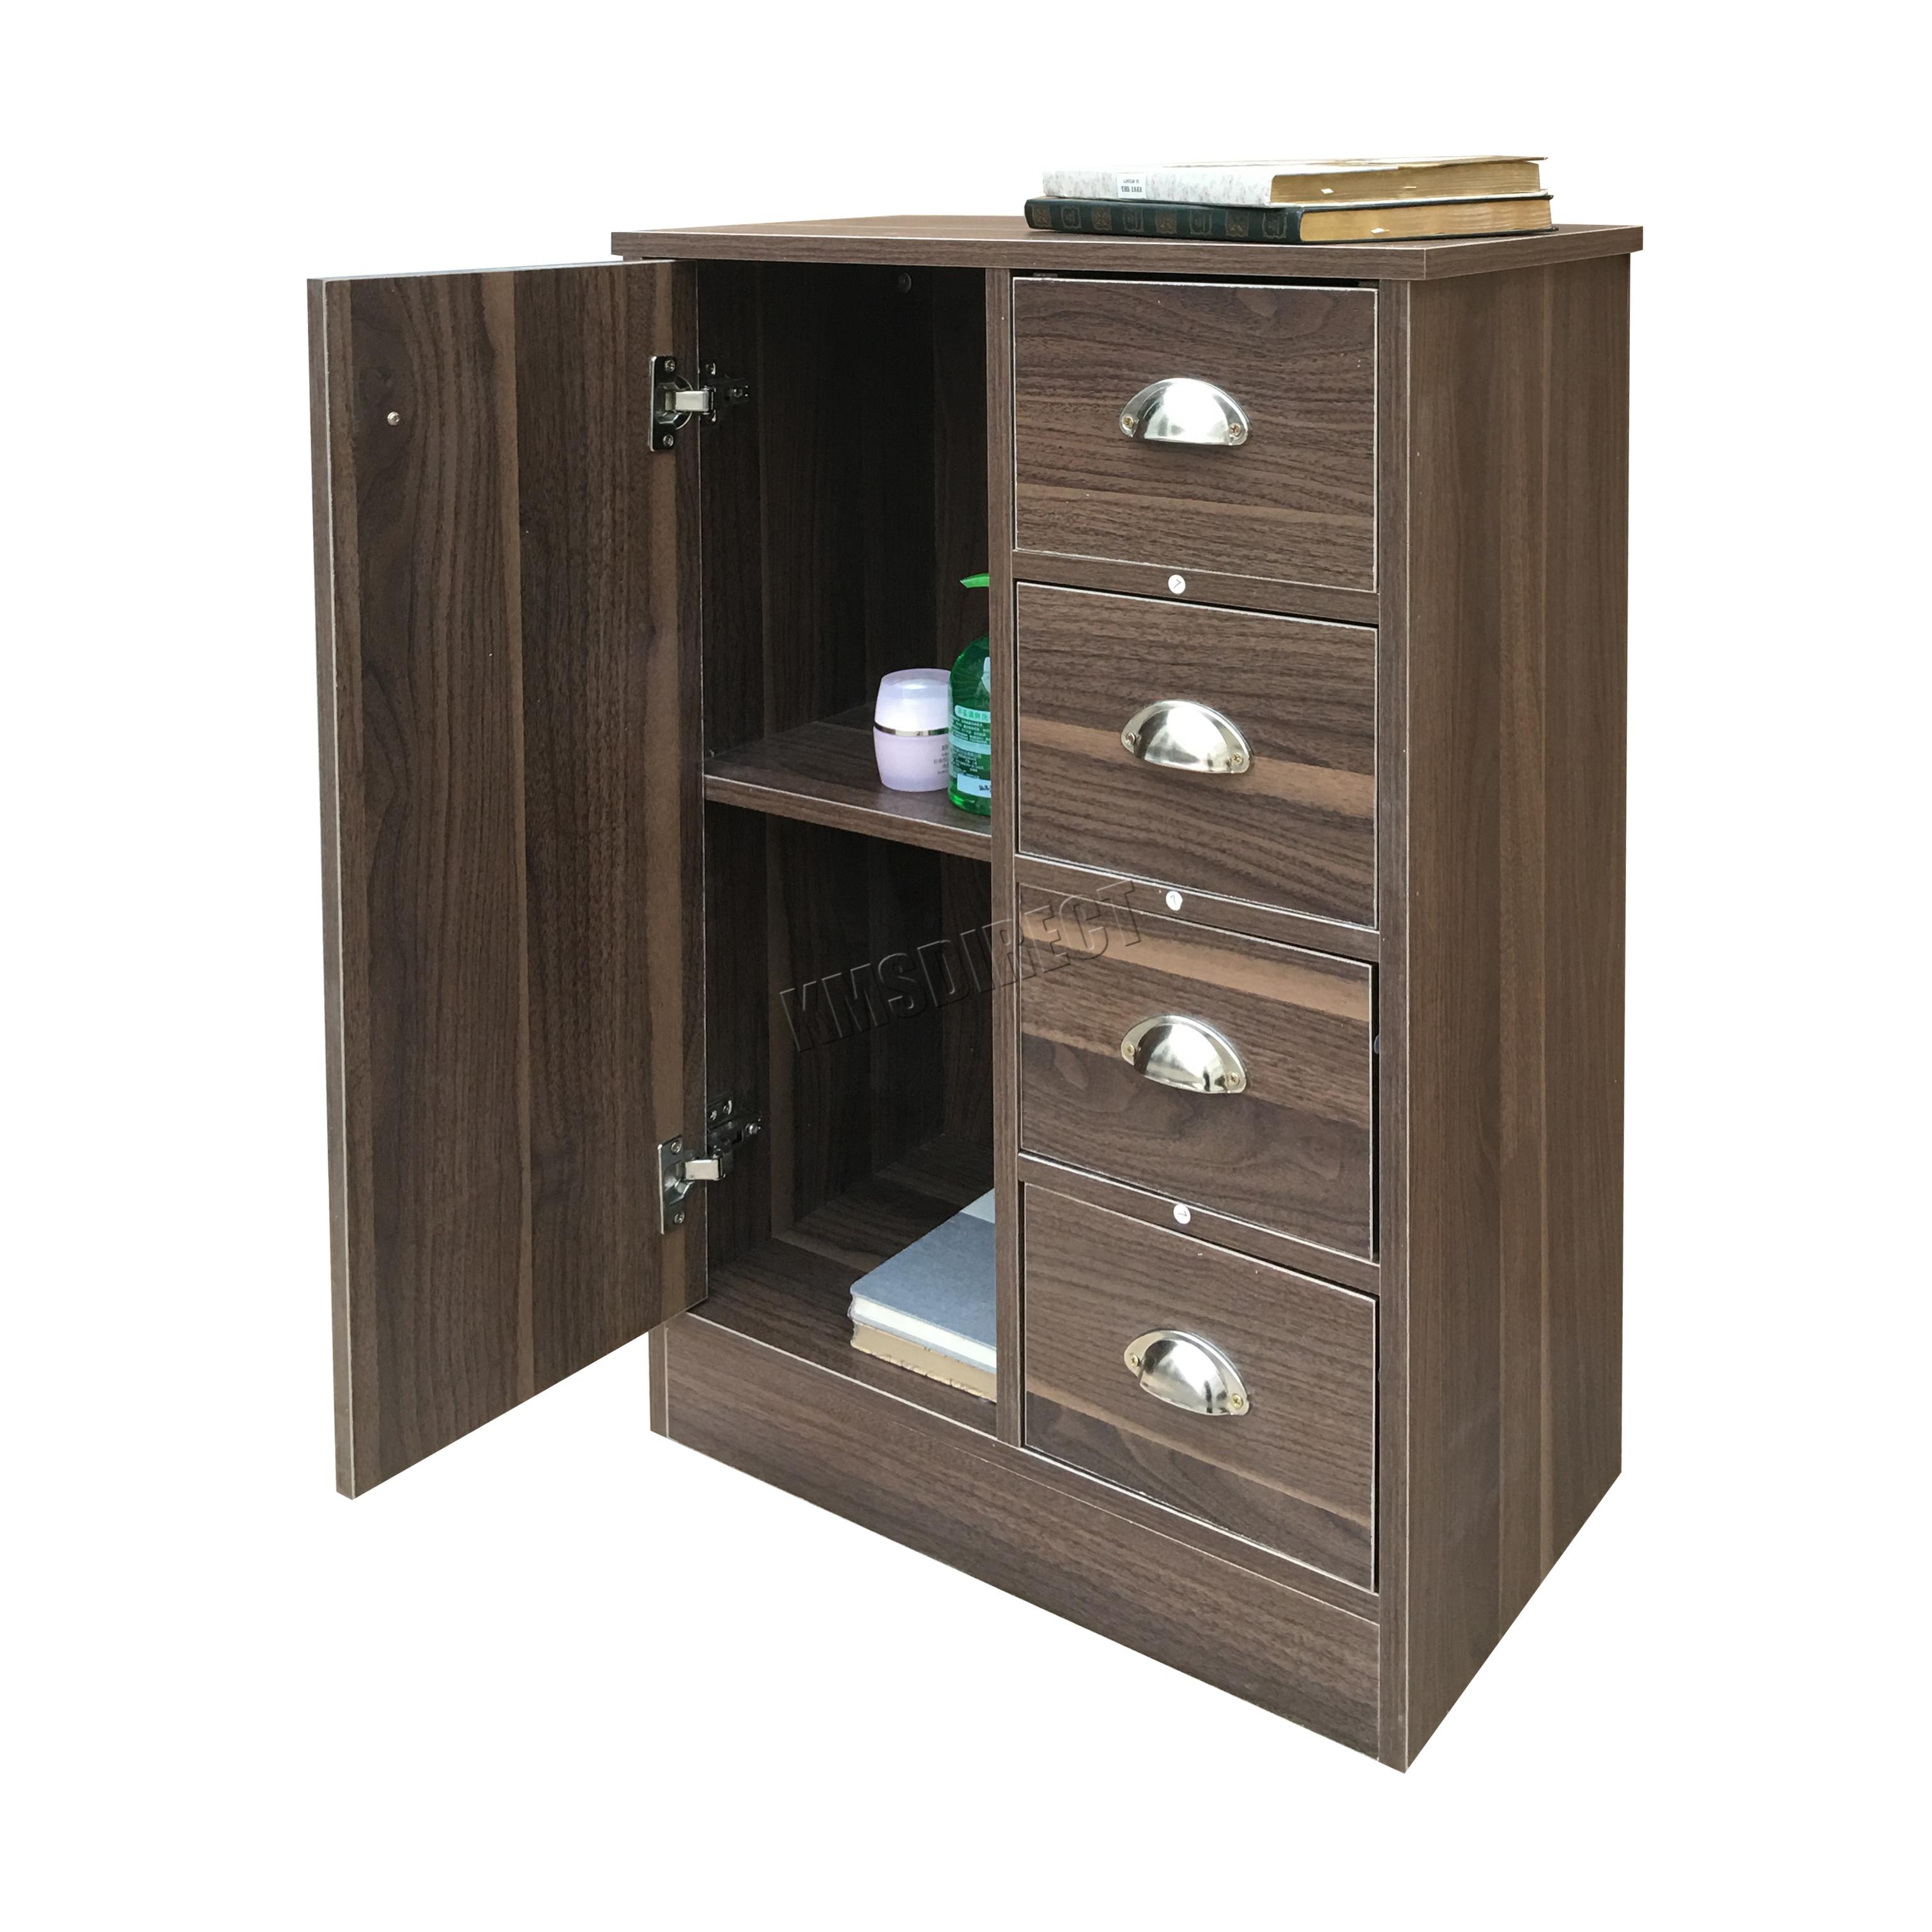 Foxhunter 4 Drawer 2 Shelves Bathroom Storage Cupboard Cabinet Unit Bs03 Walnut Ebay